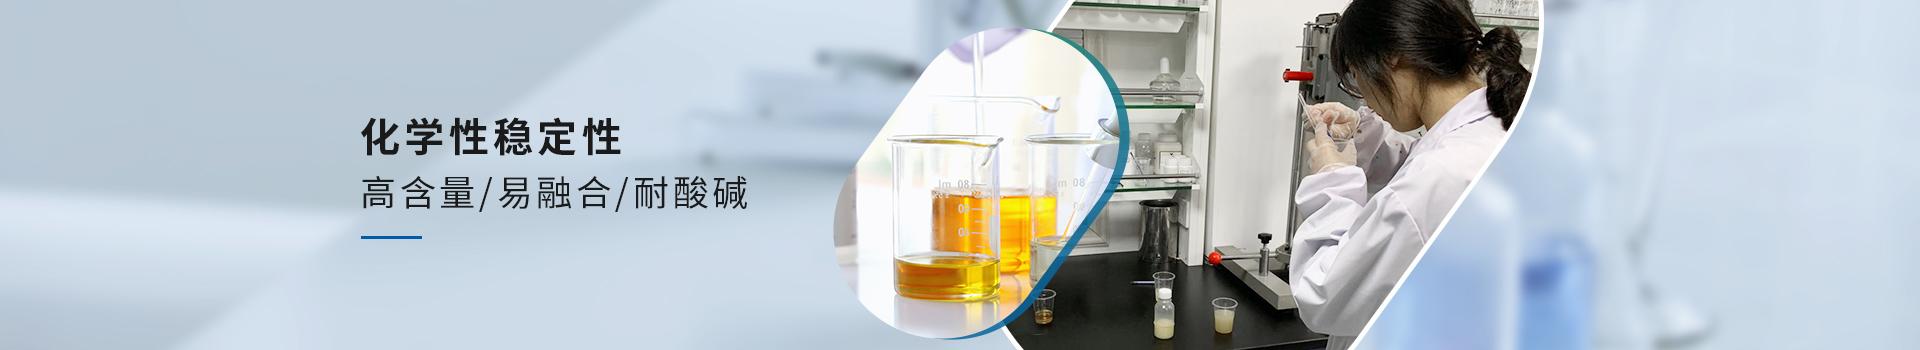 泡立消纺织印染消泡剂化学性、稳定性